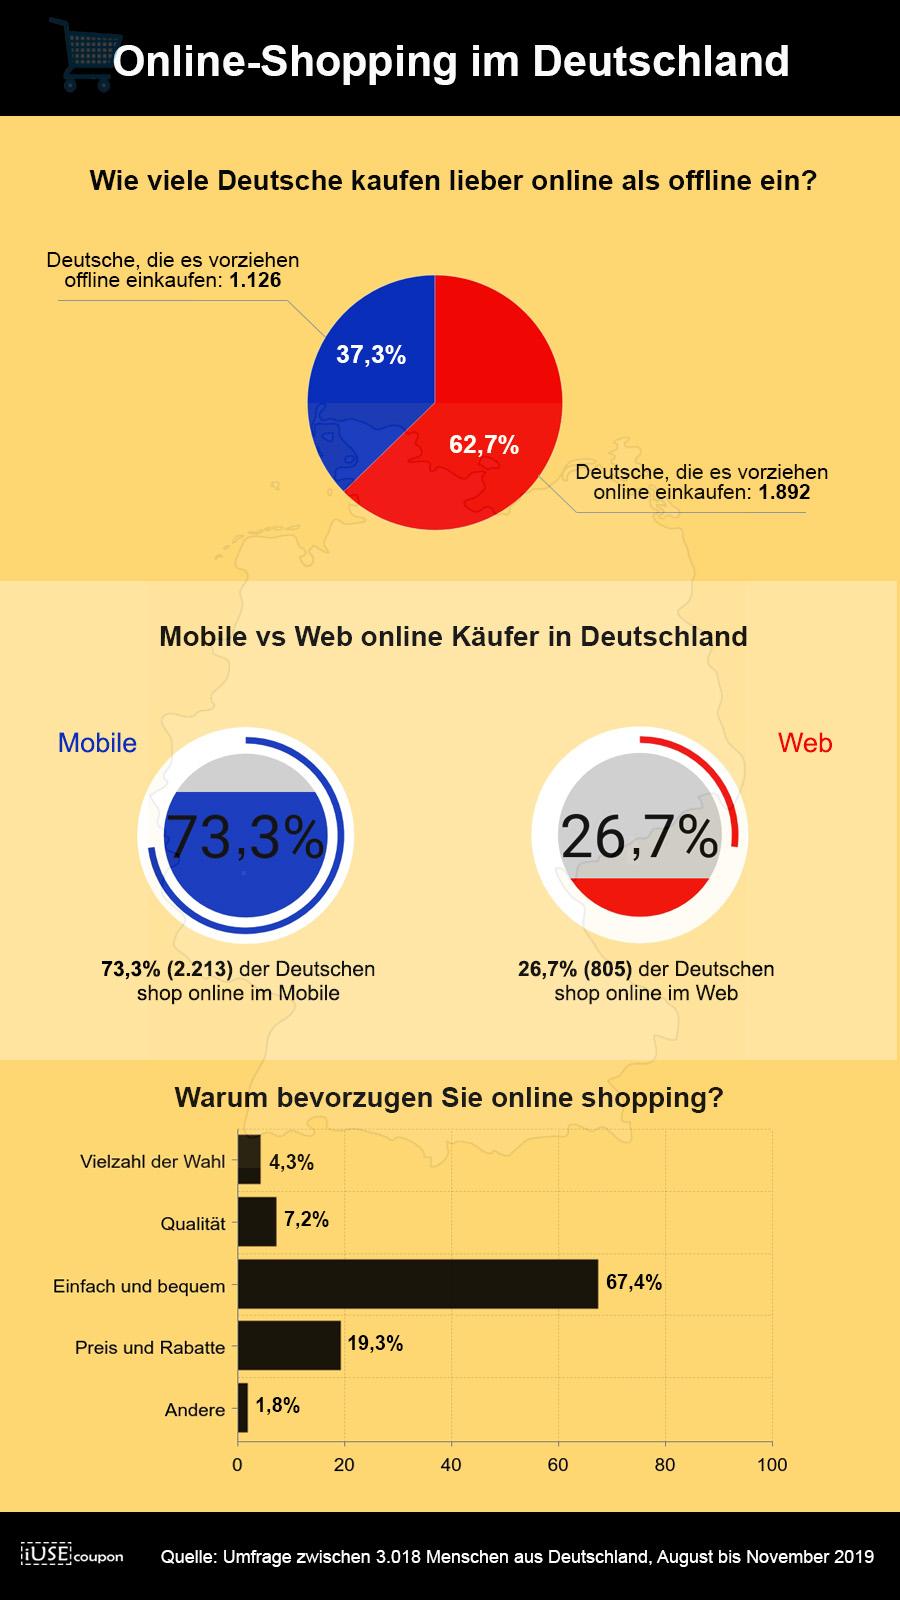 Online-Shopping im Deutschland